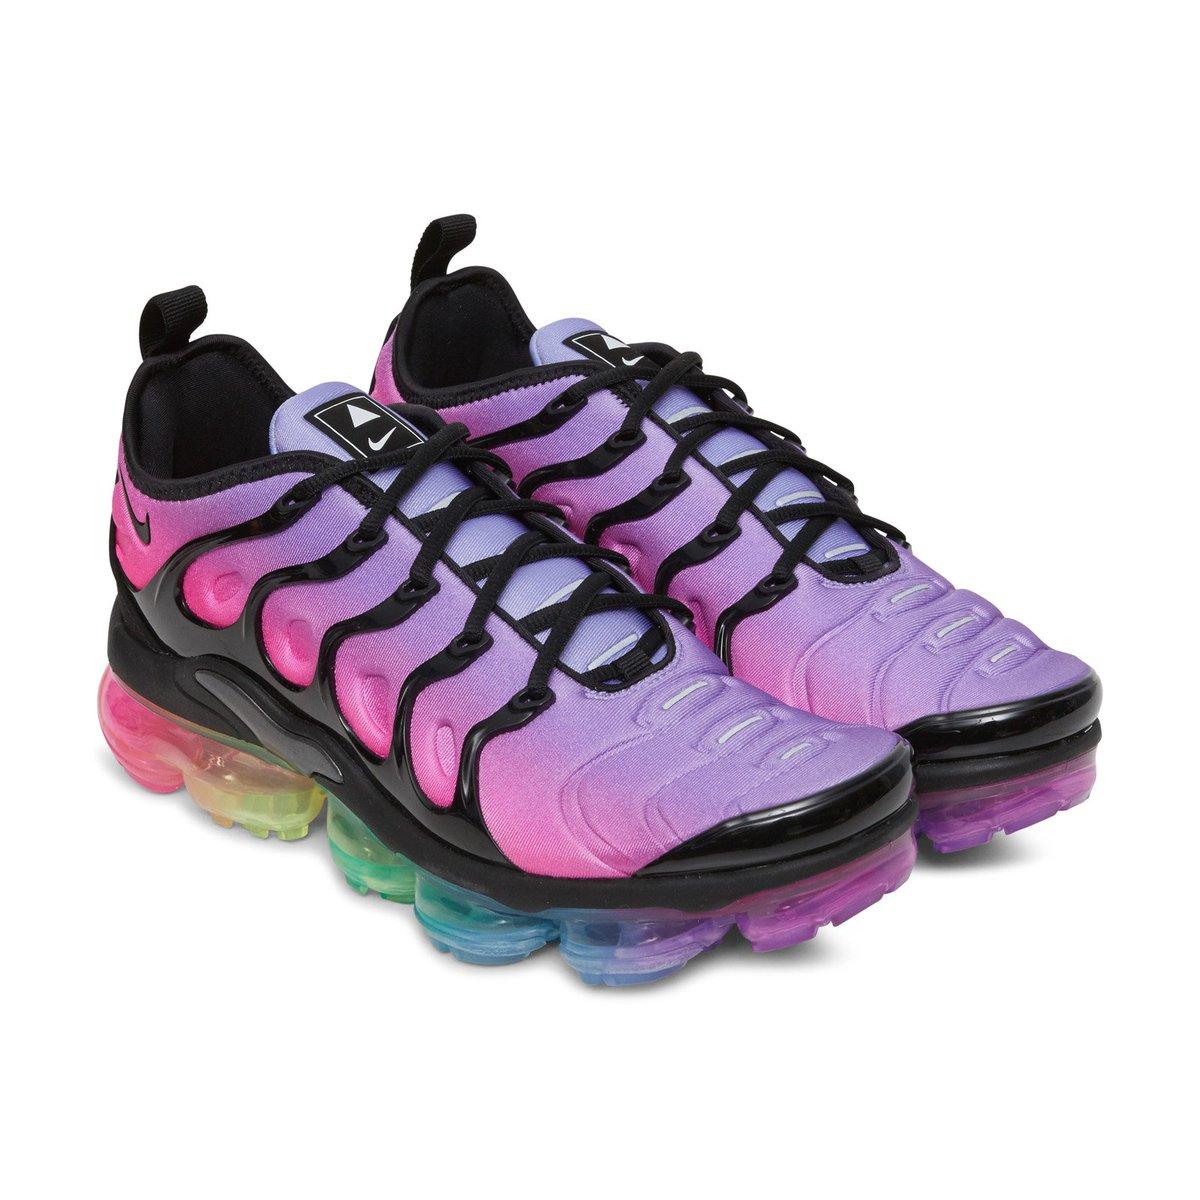 b2e2047565a5e MoreSneakers.com on Twitter